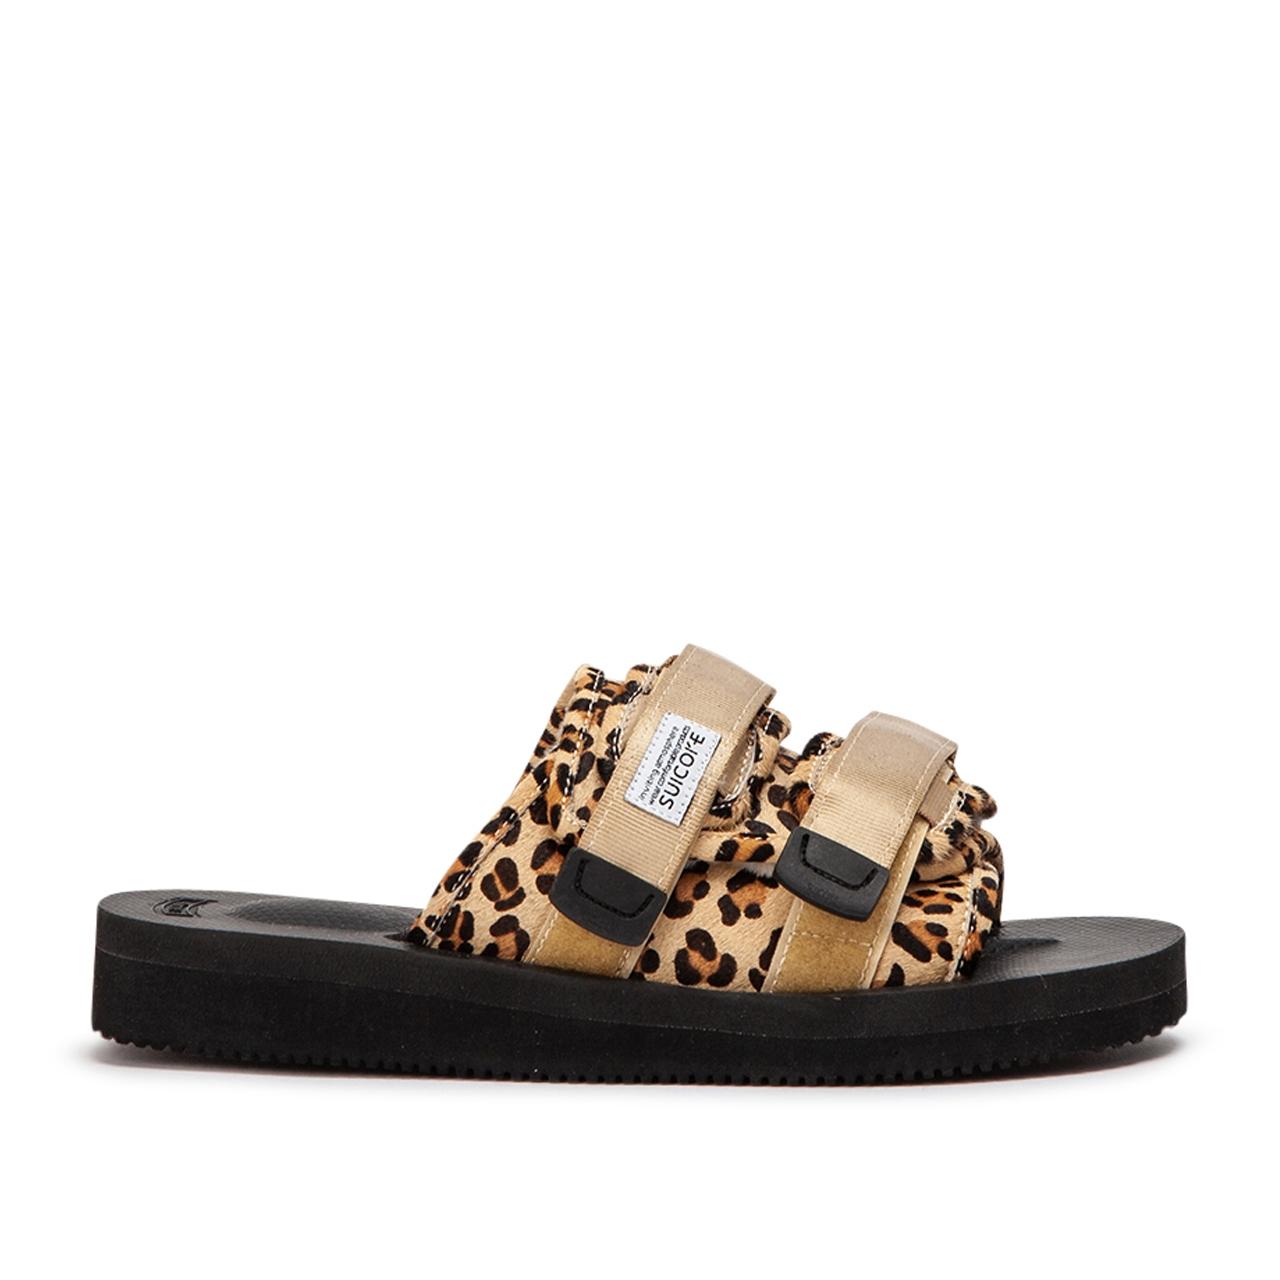 Suicoke Sandals Moto-VHL (Leopard) - OG-056VHL-MOTO-VHL-007